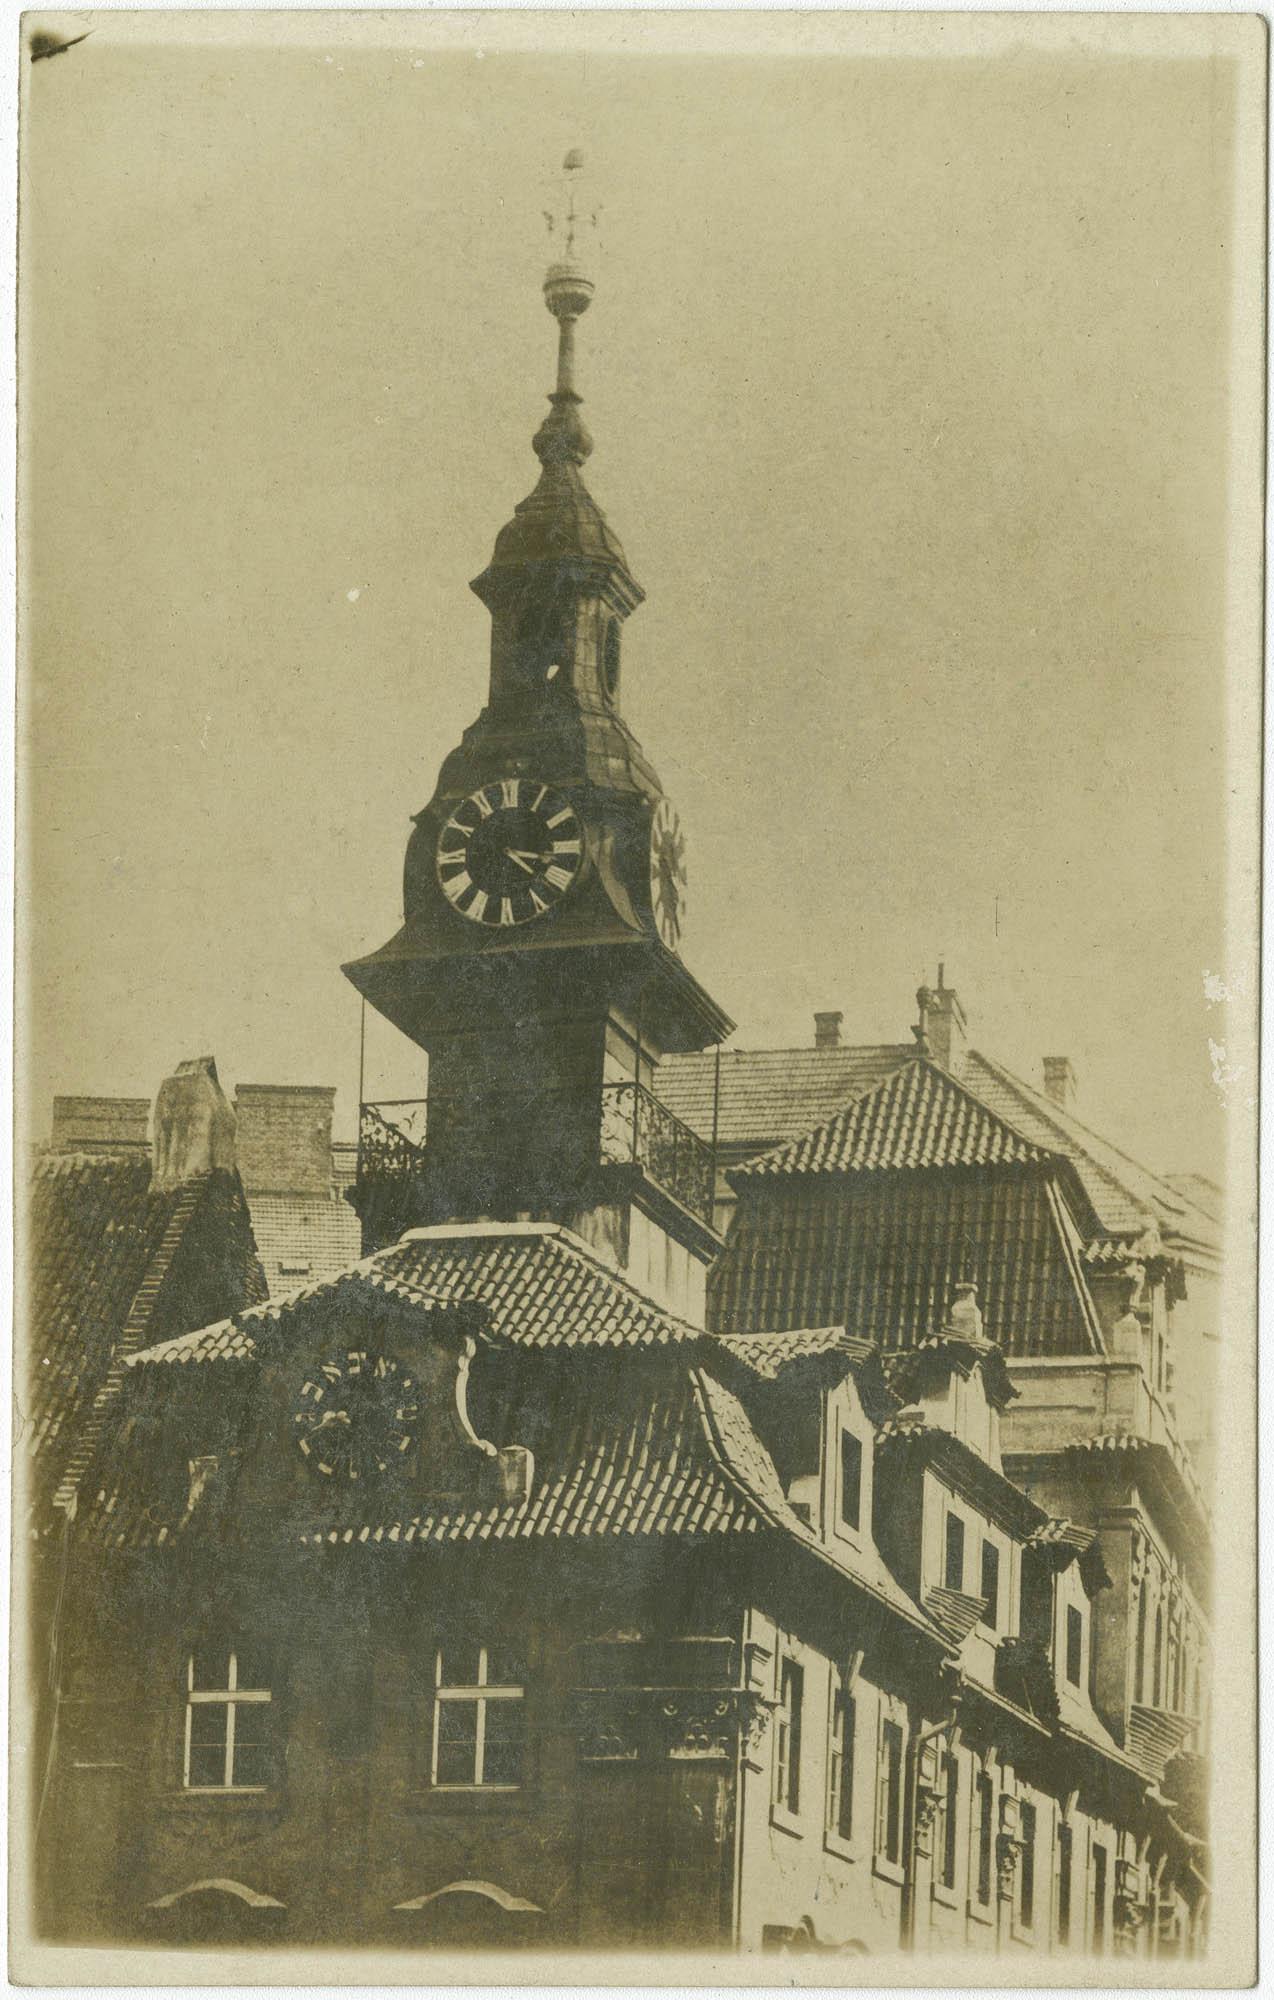 Jüdisches Rathaus mit hebräischer Uhr, Prag